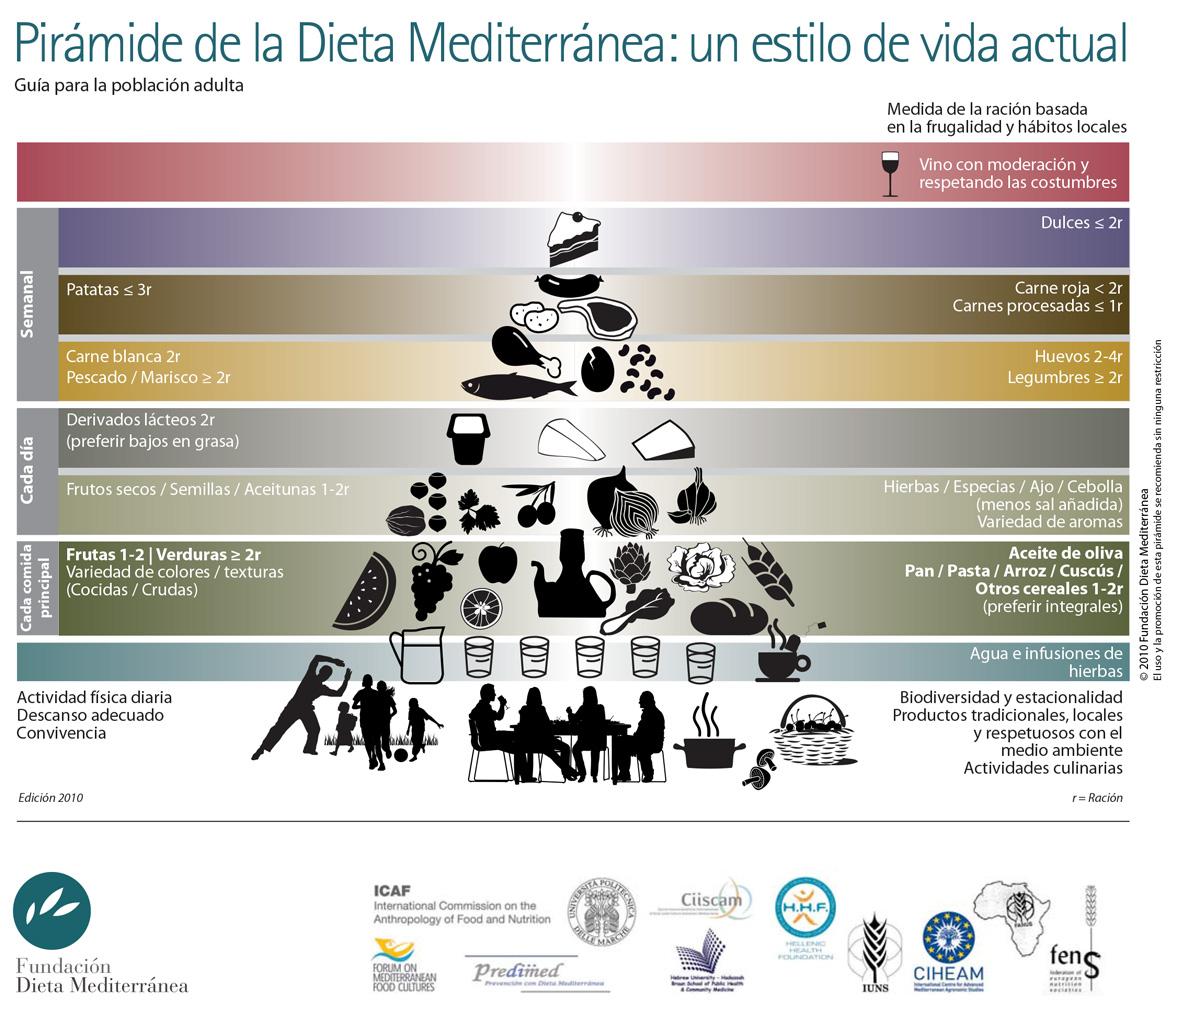 La importancia de la Dieta Mediterránea - Pirámide